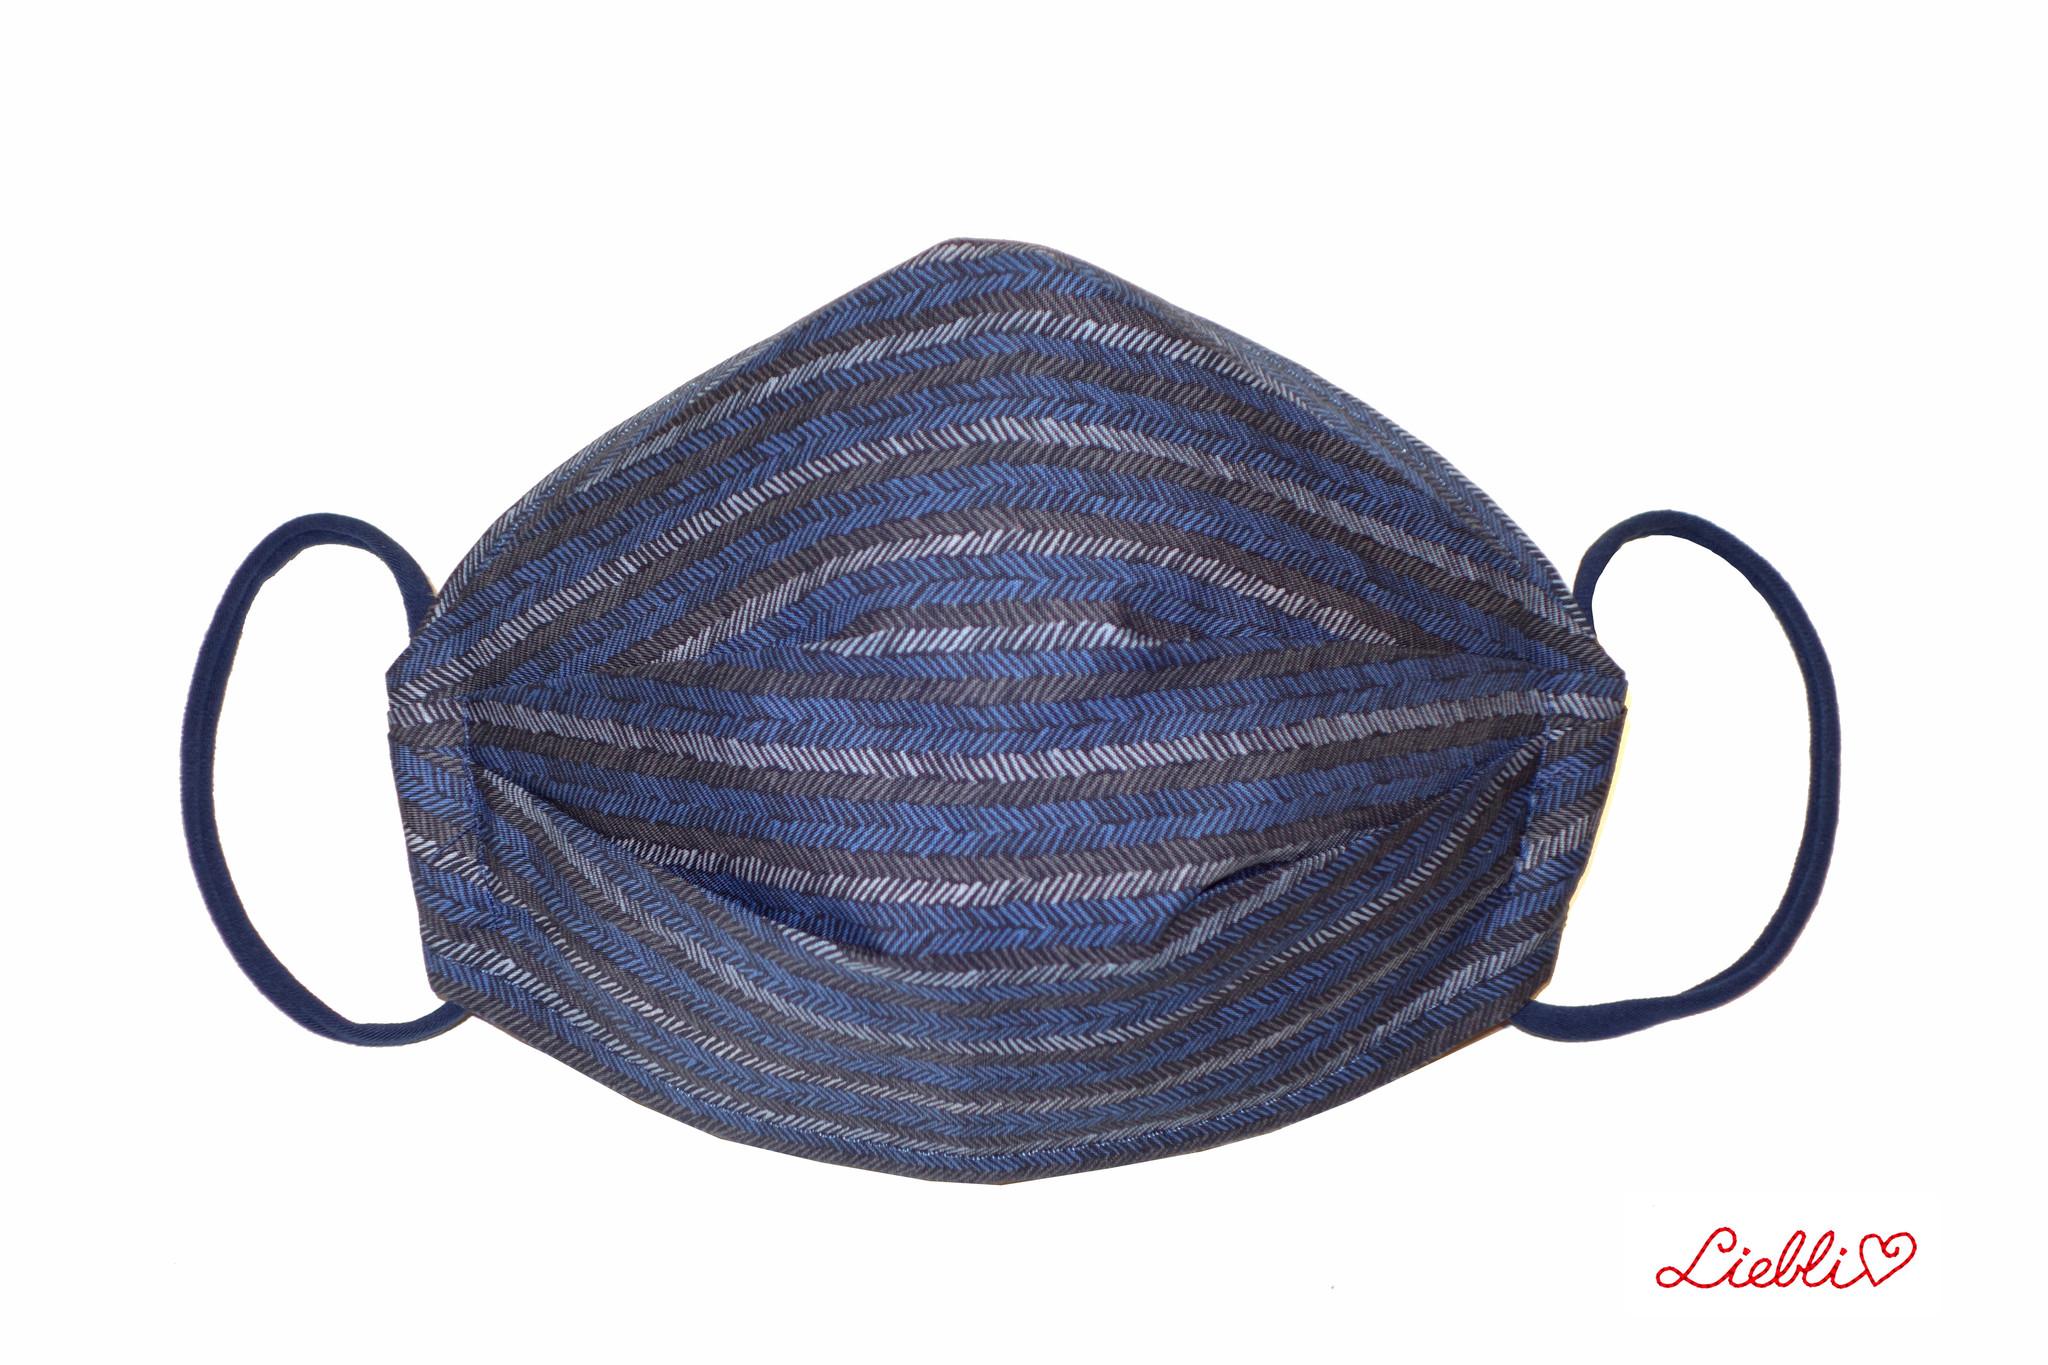 Herrenmaske, Stoffmaske für Herren, dunkelblau,  Streifen